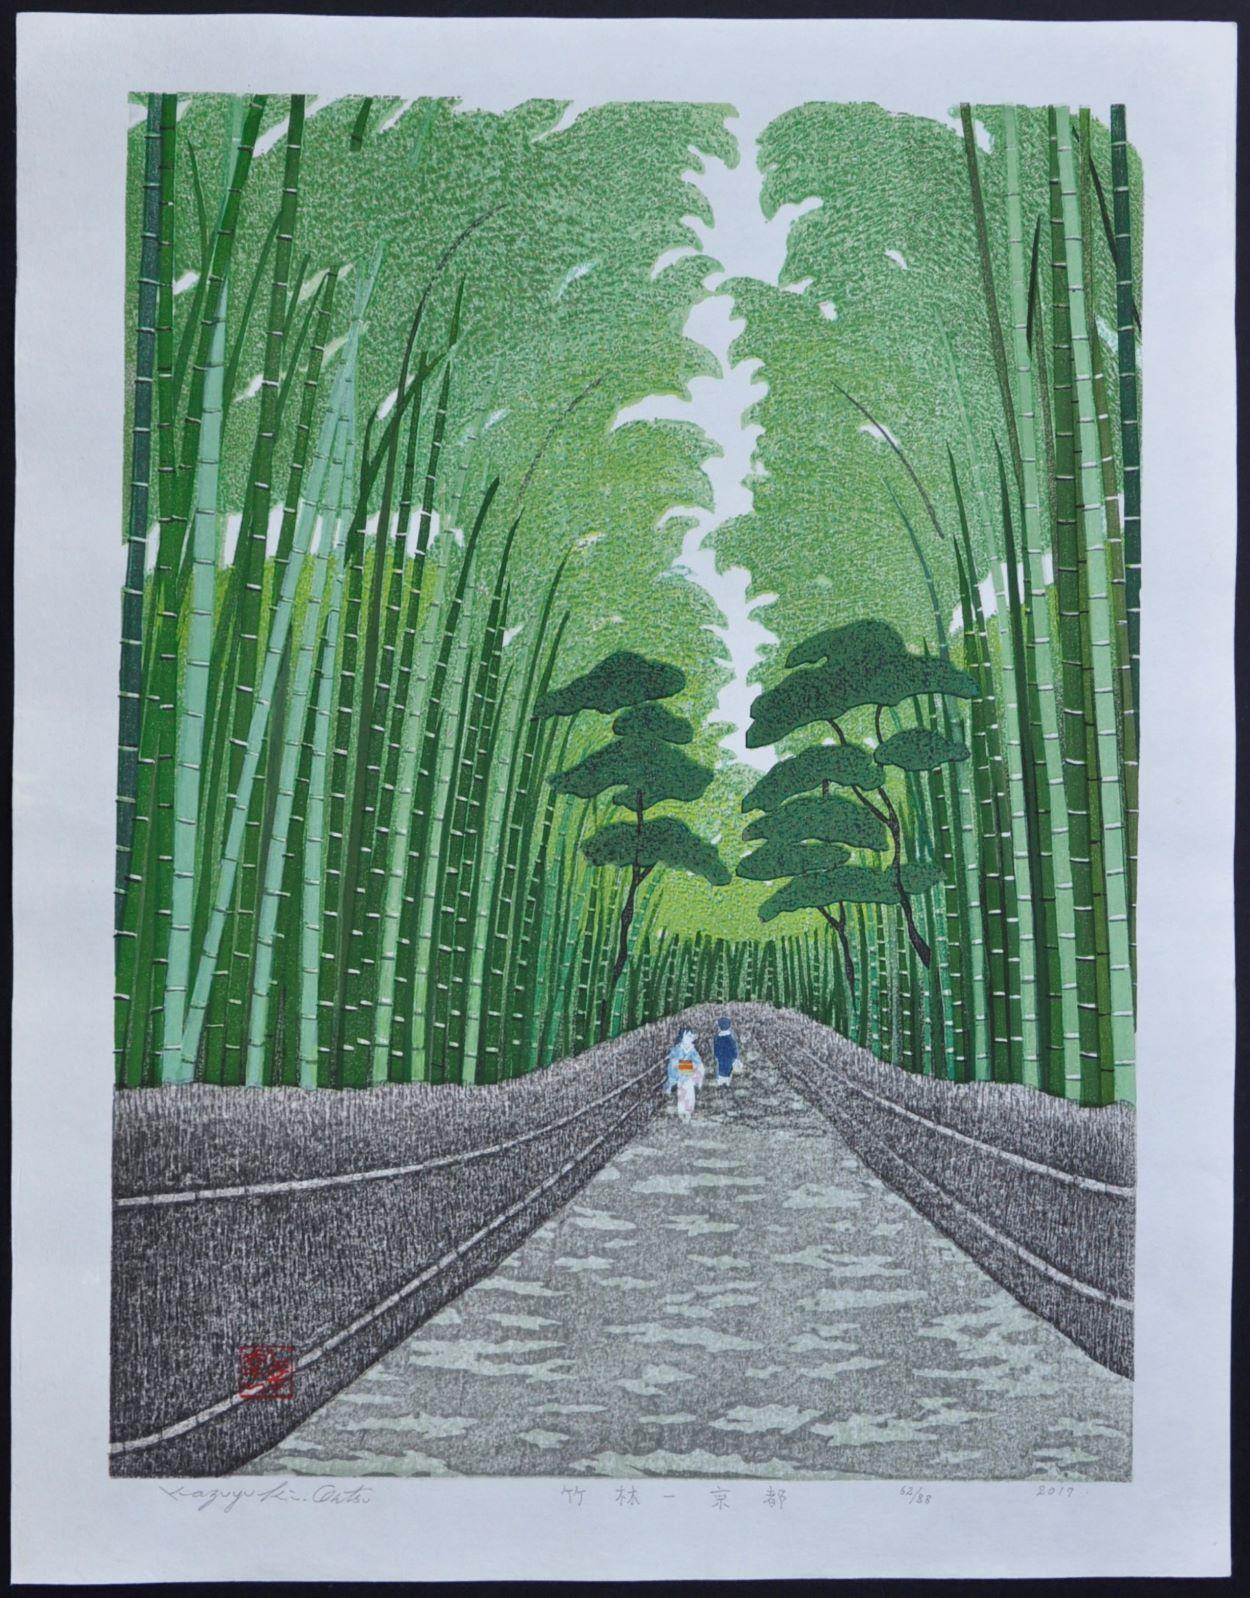 """Kazuyuki Ohtsu - """"Red Camellia"""" - 2003, Woodcut, Ed of 75, Sheet size 49 x 38 cm"""